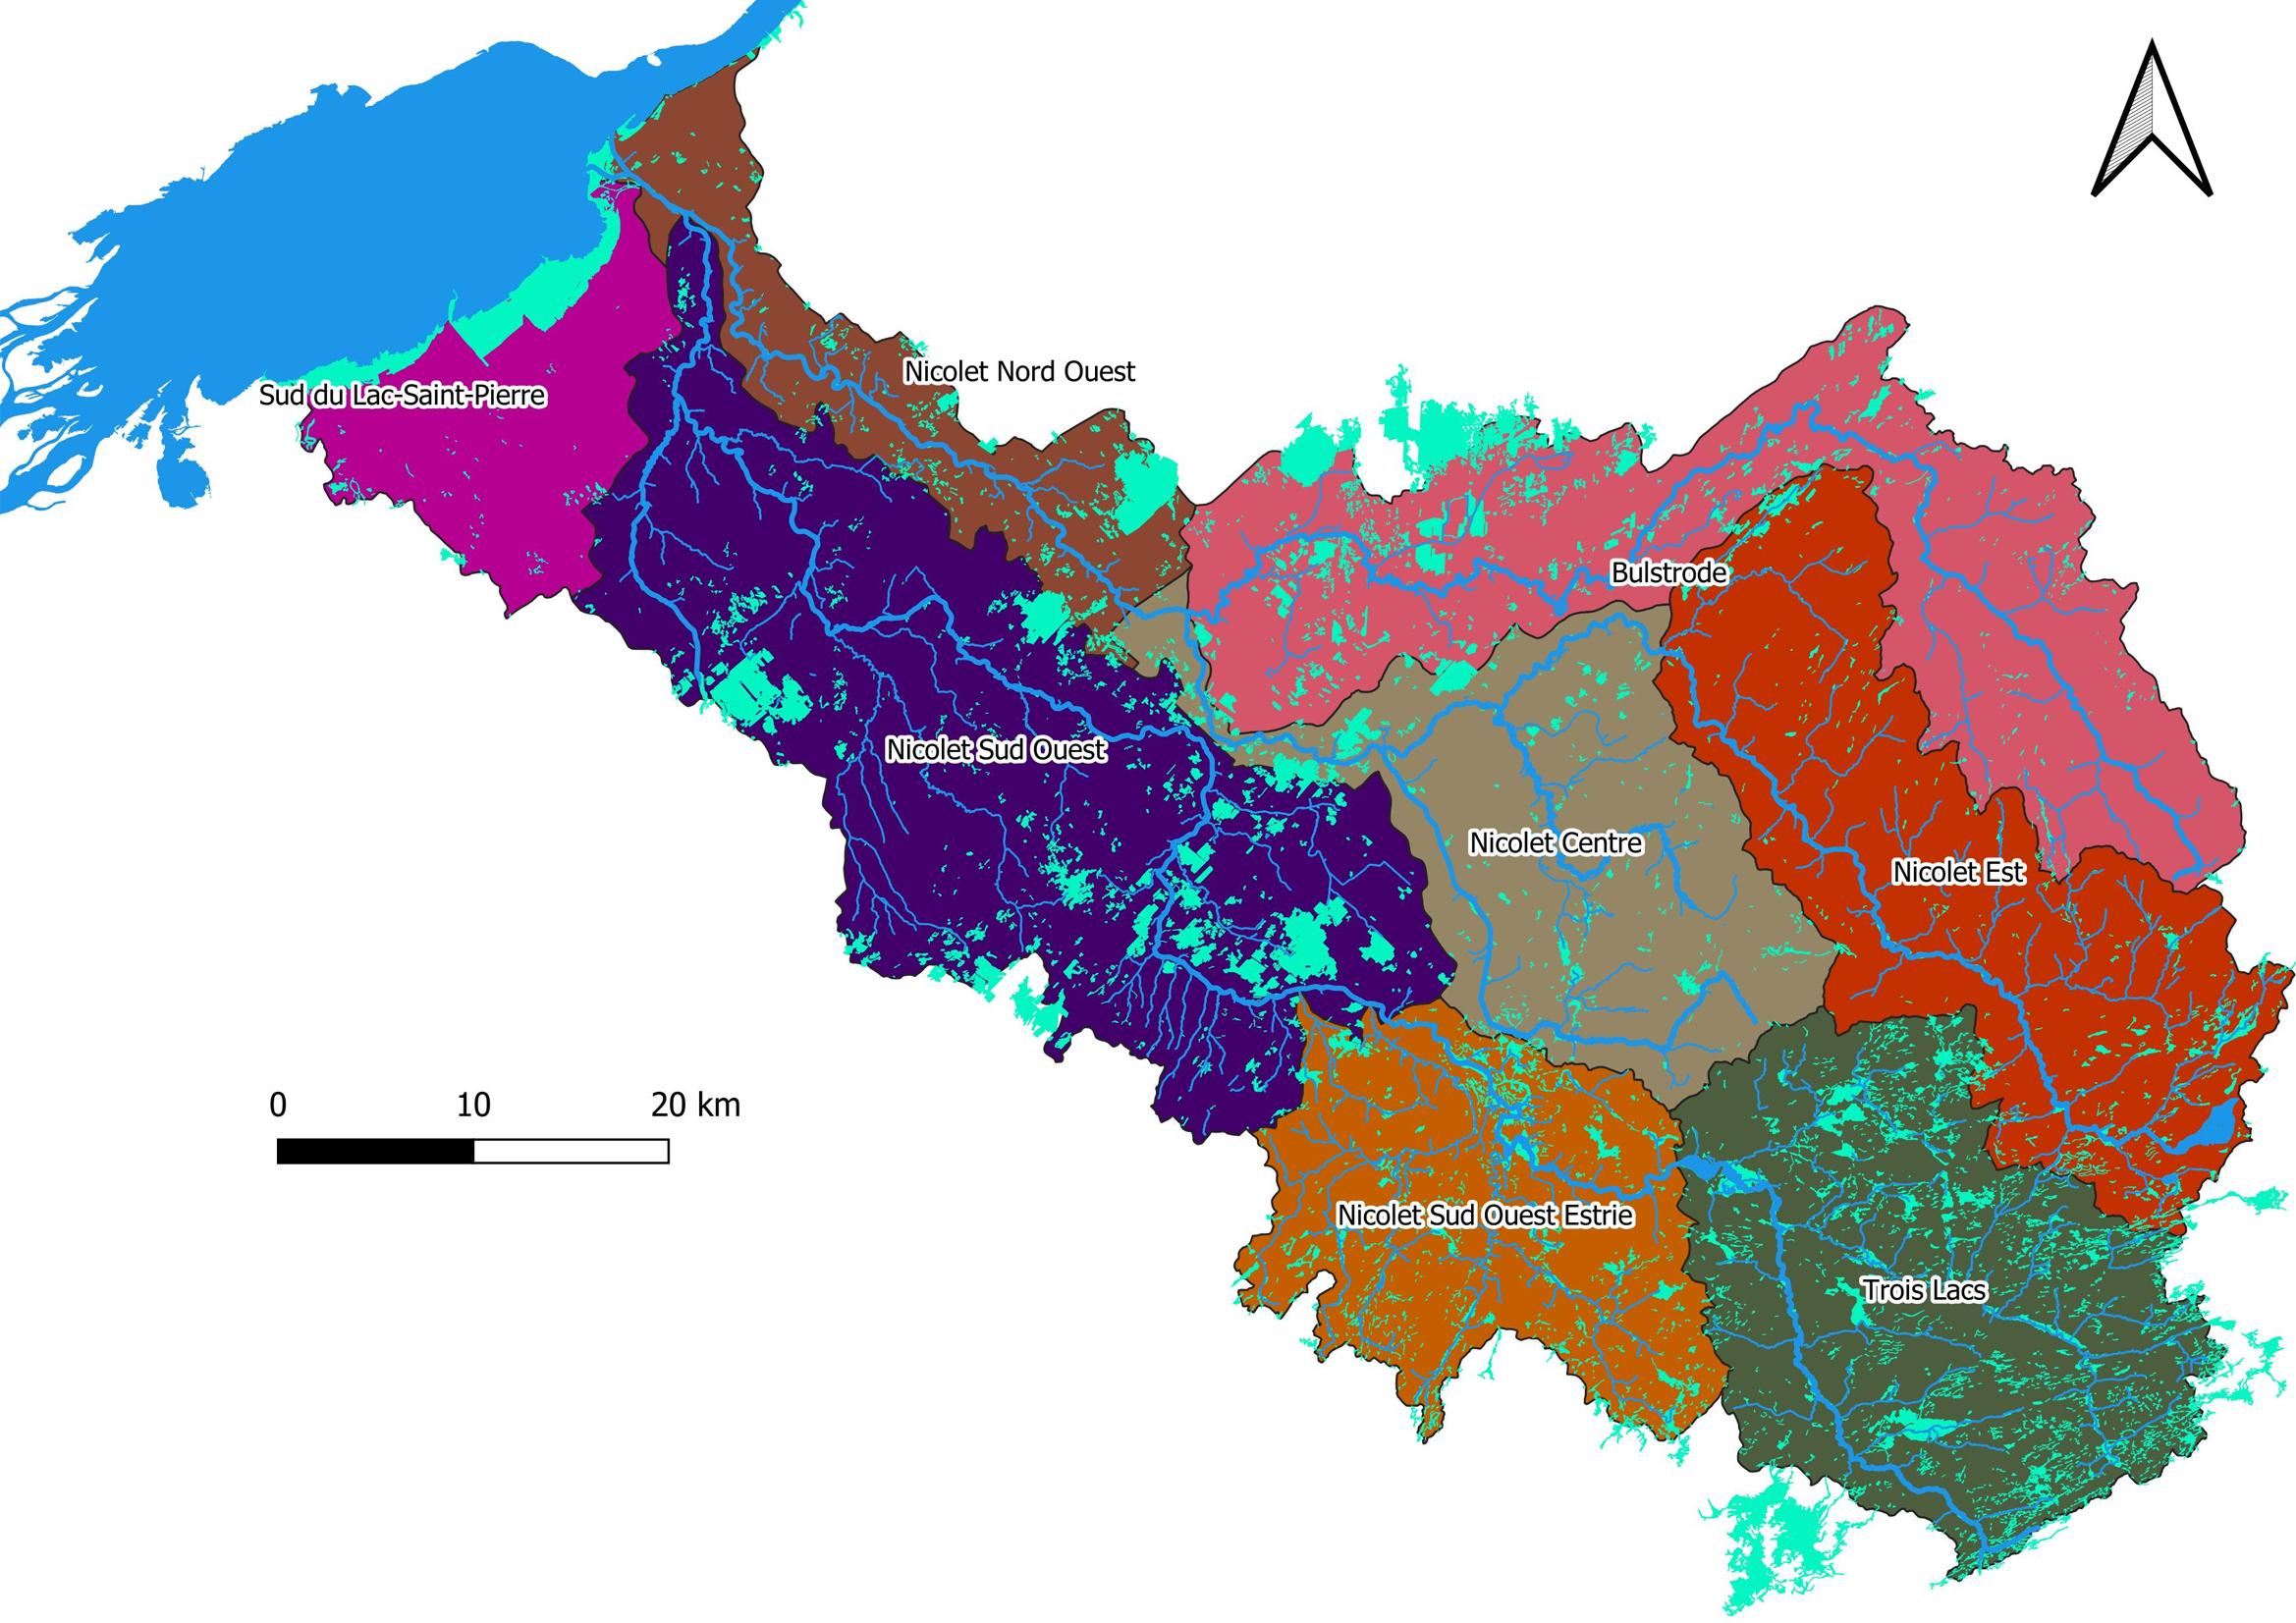 Objectifs de conservation des ressources en eau et des milieux associés 2020-2021